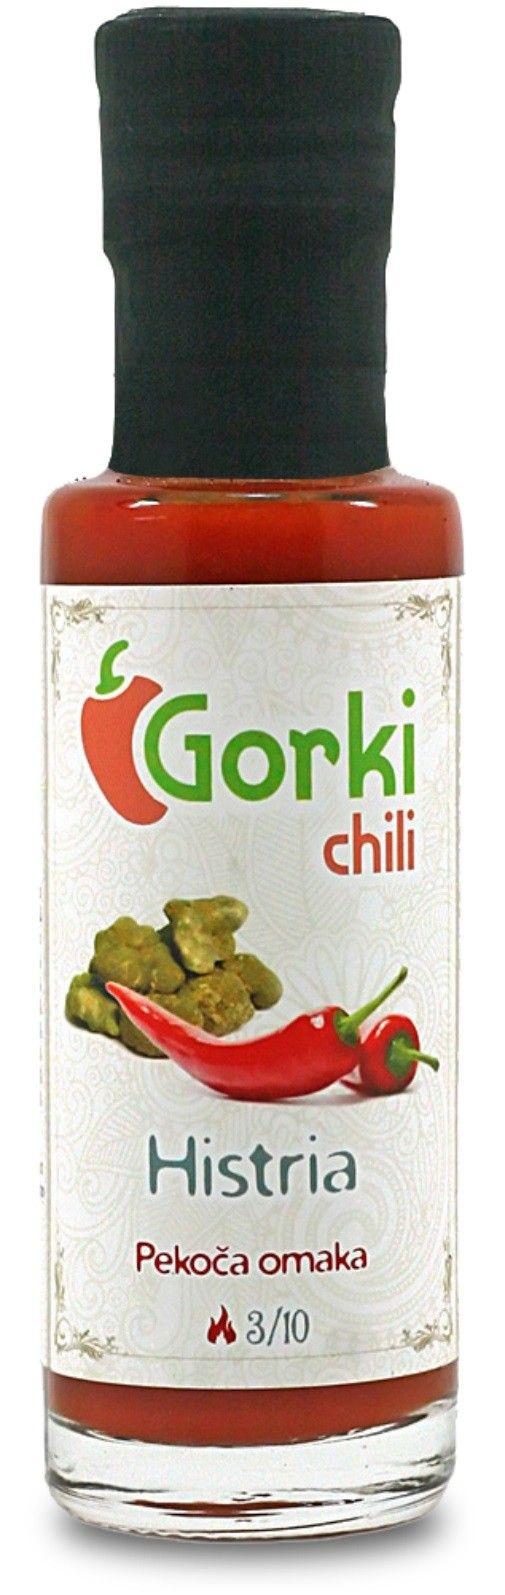 GORKI CHILI - SALSA PICCANTE HISTRIA GR. 100